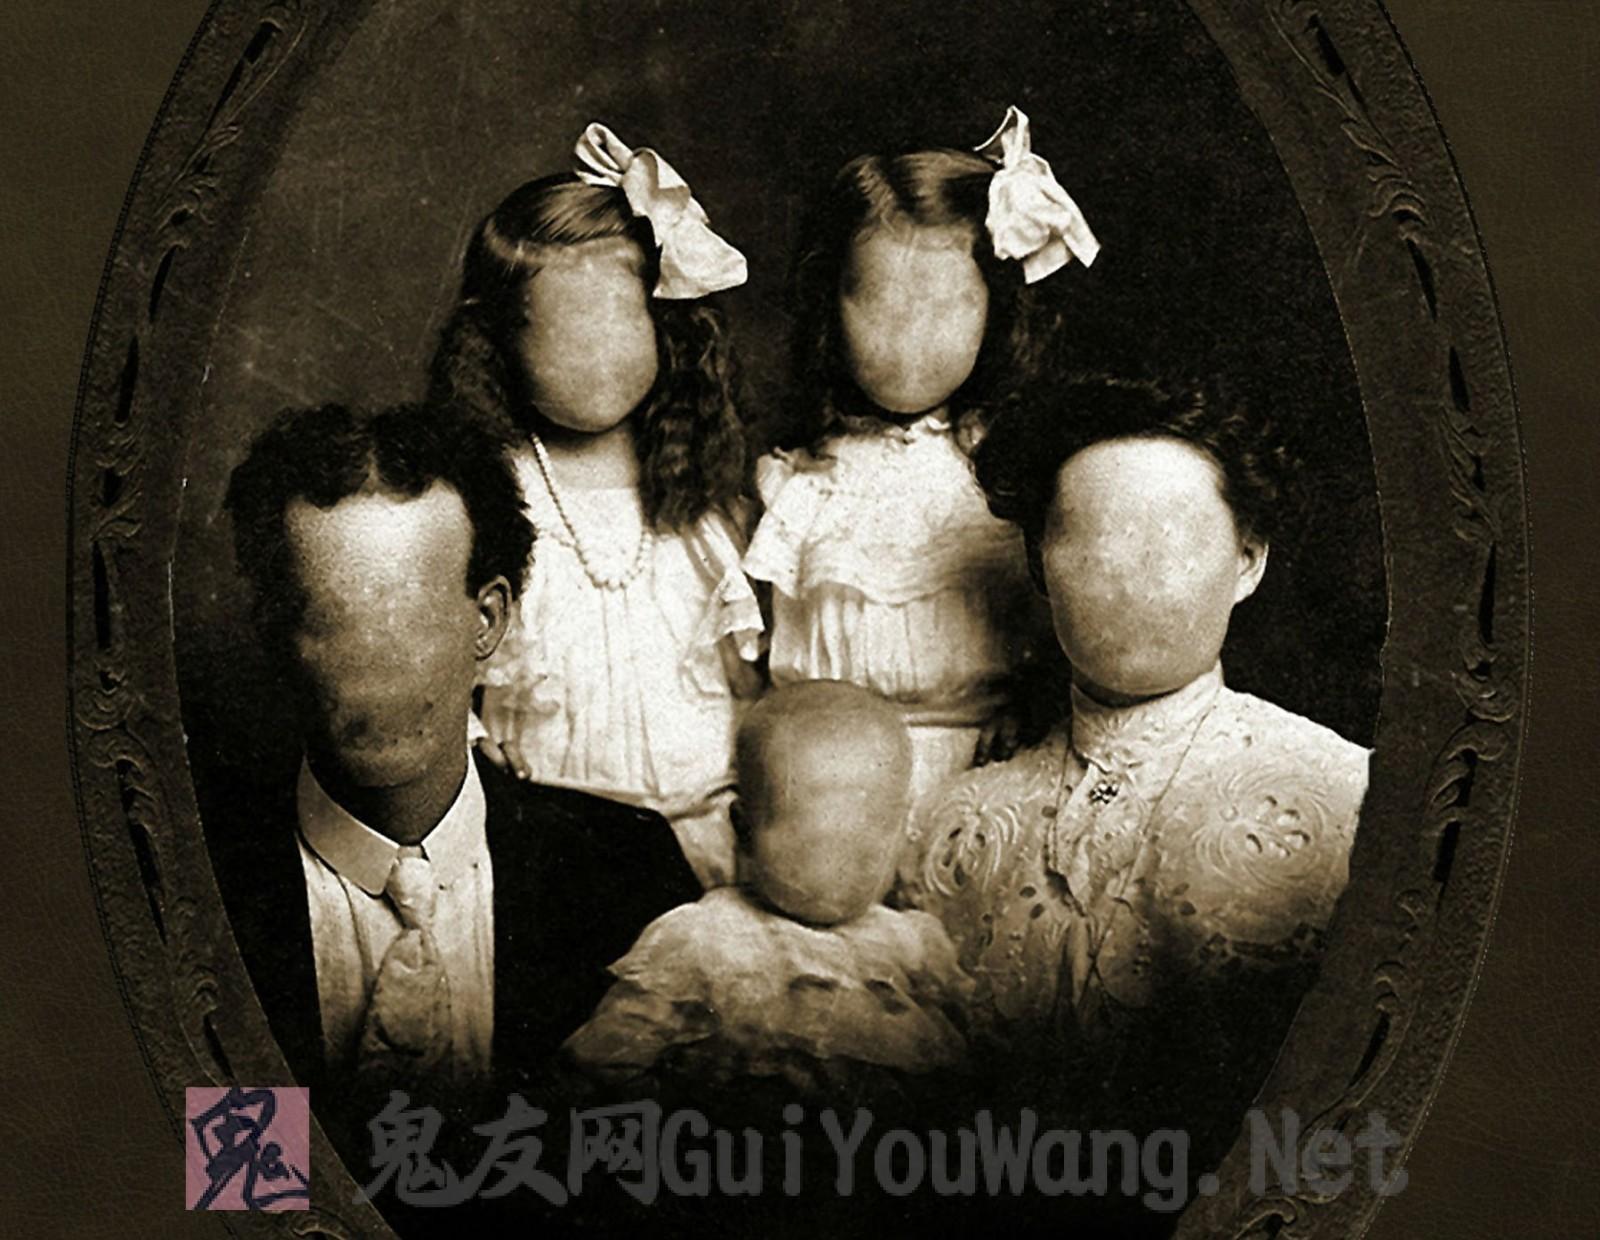 国外的一组灵异诡异照片